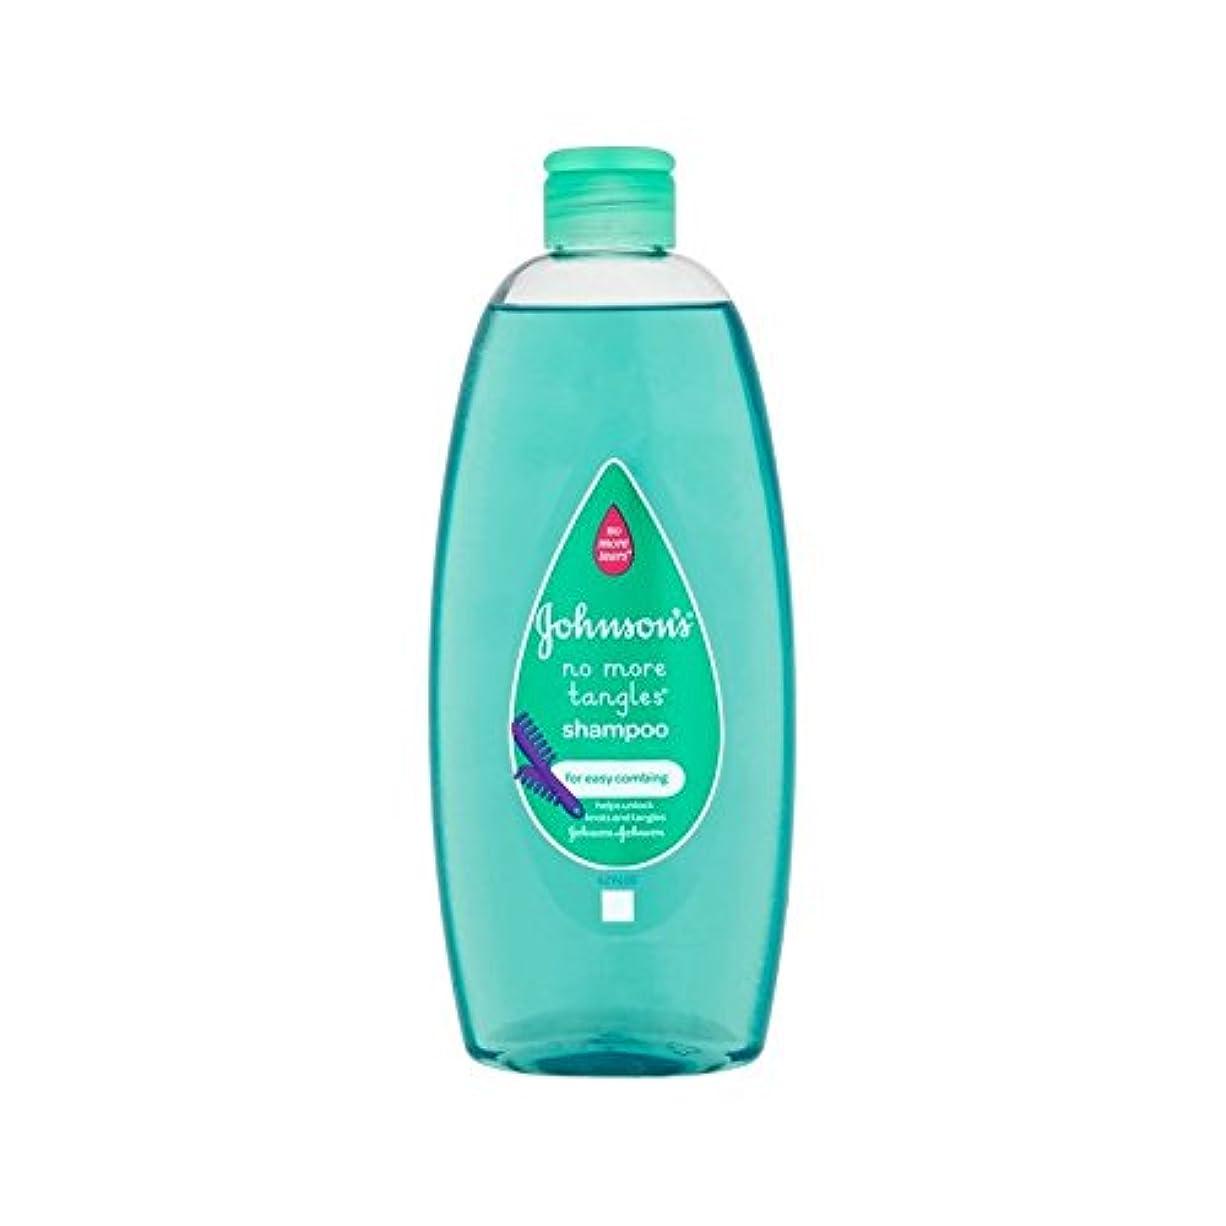 リーダーシップ学者裁量もうシャンプー500ミリリットルをもつれません (Johnson's Baby) (x 6) - Johnson's Baby No More Tangles Shampoo 500ml (Pack of 6) [並行輸入品]